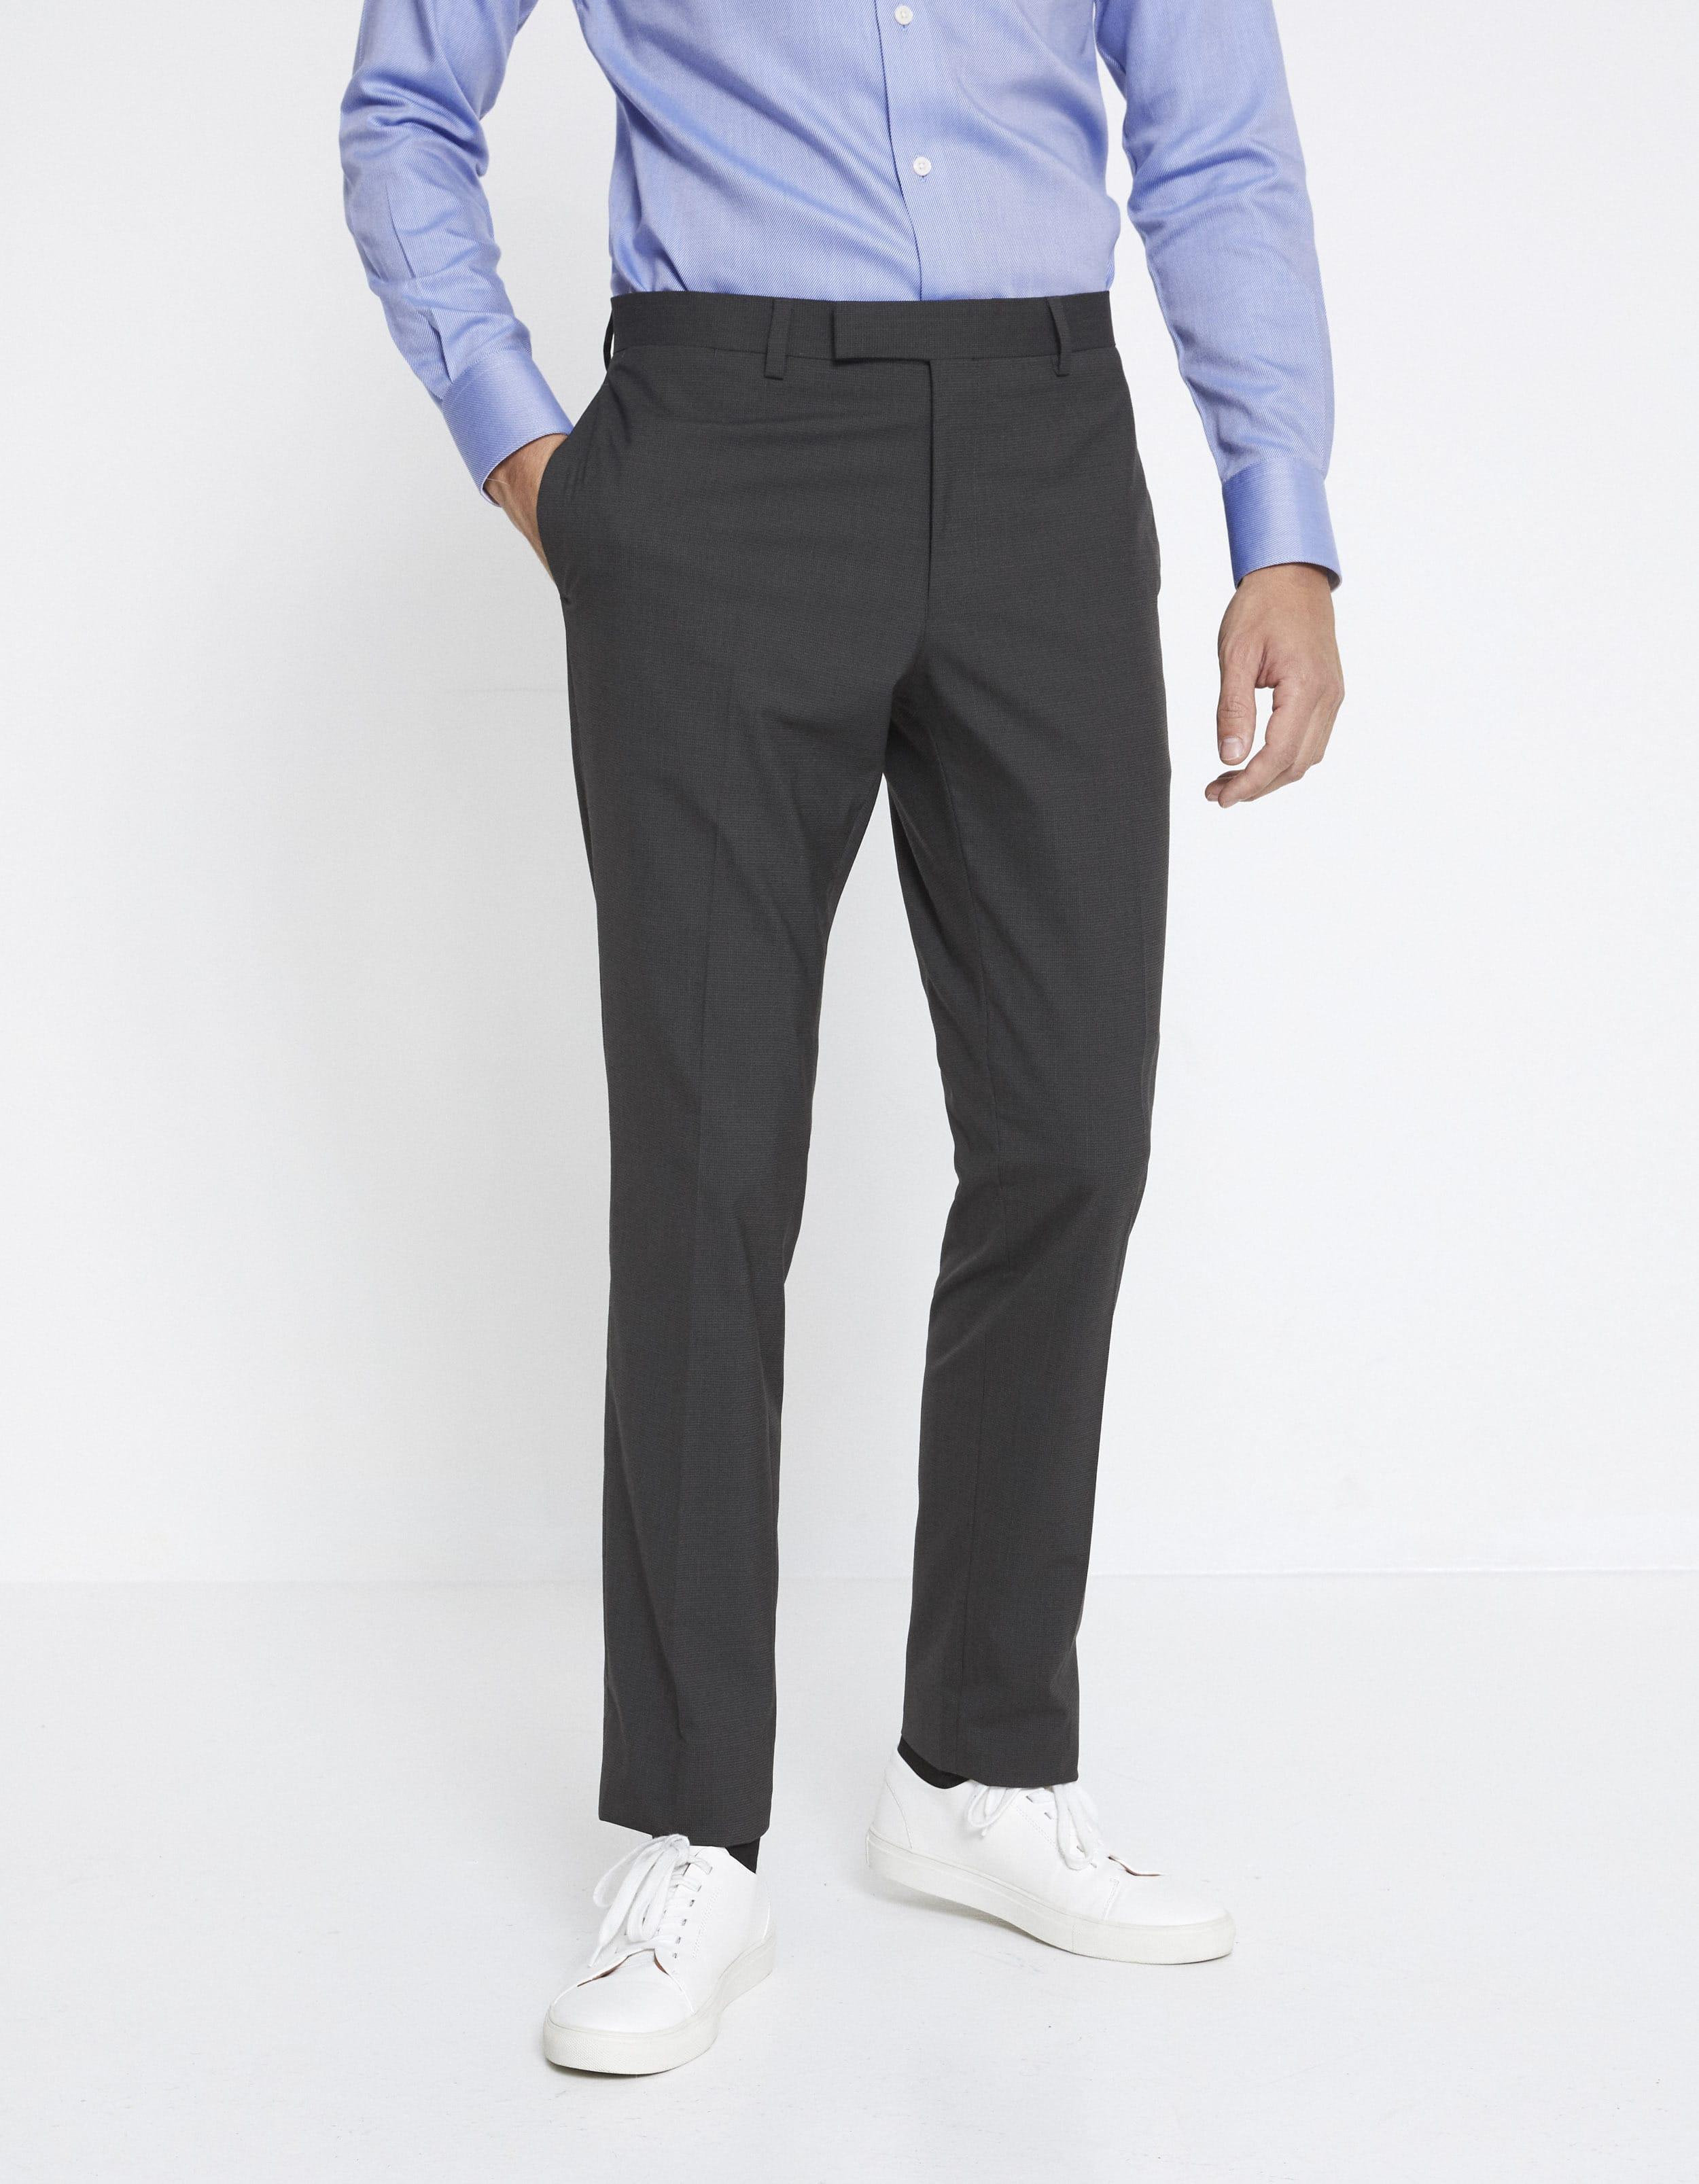 Pantalon Puce slim – anthracite Celio Club Prix 59,99 €